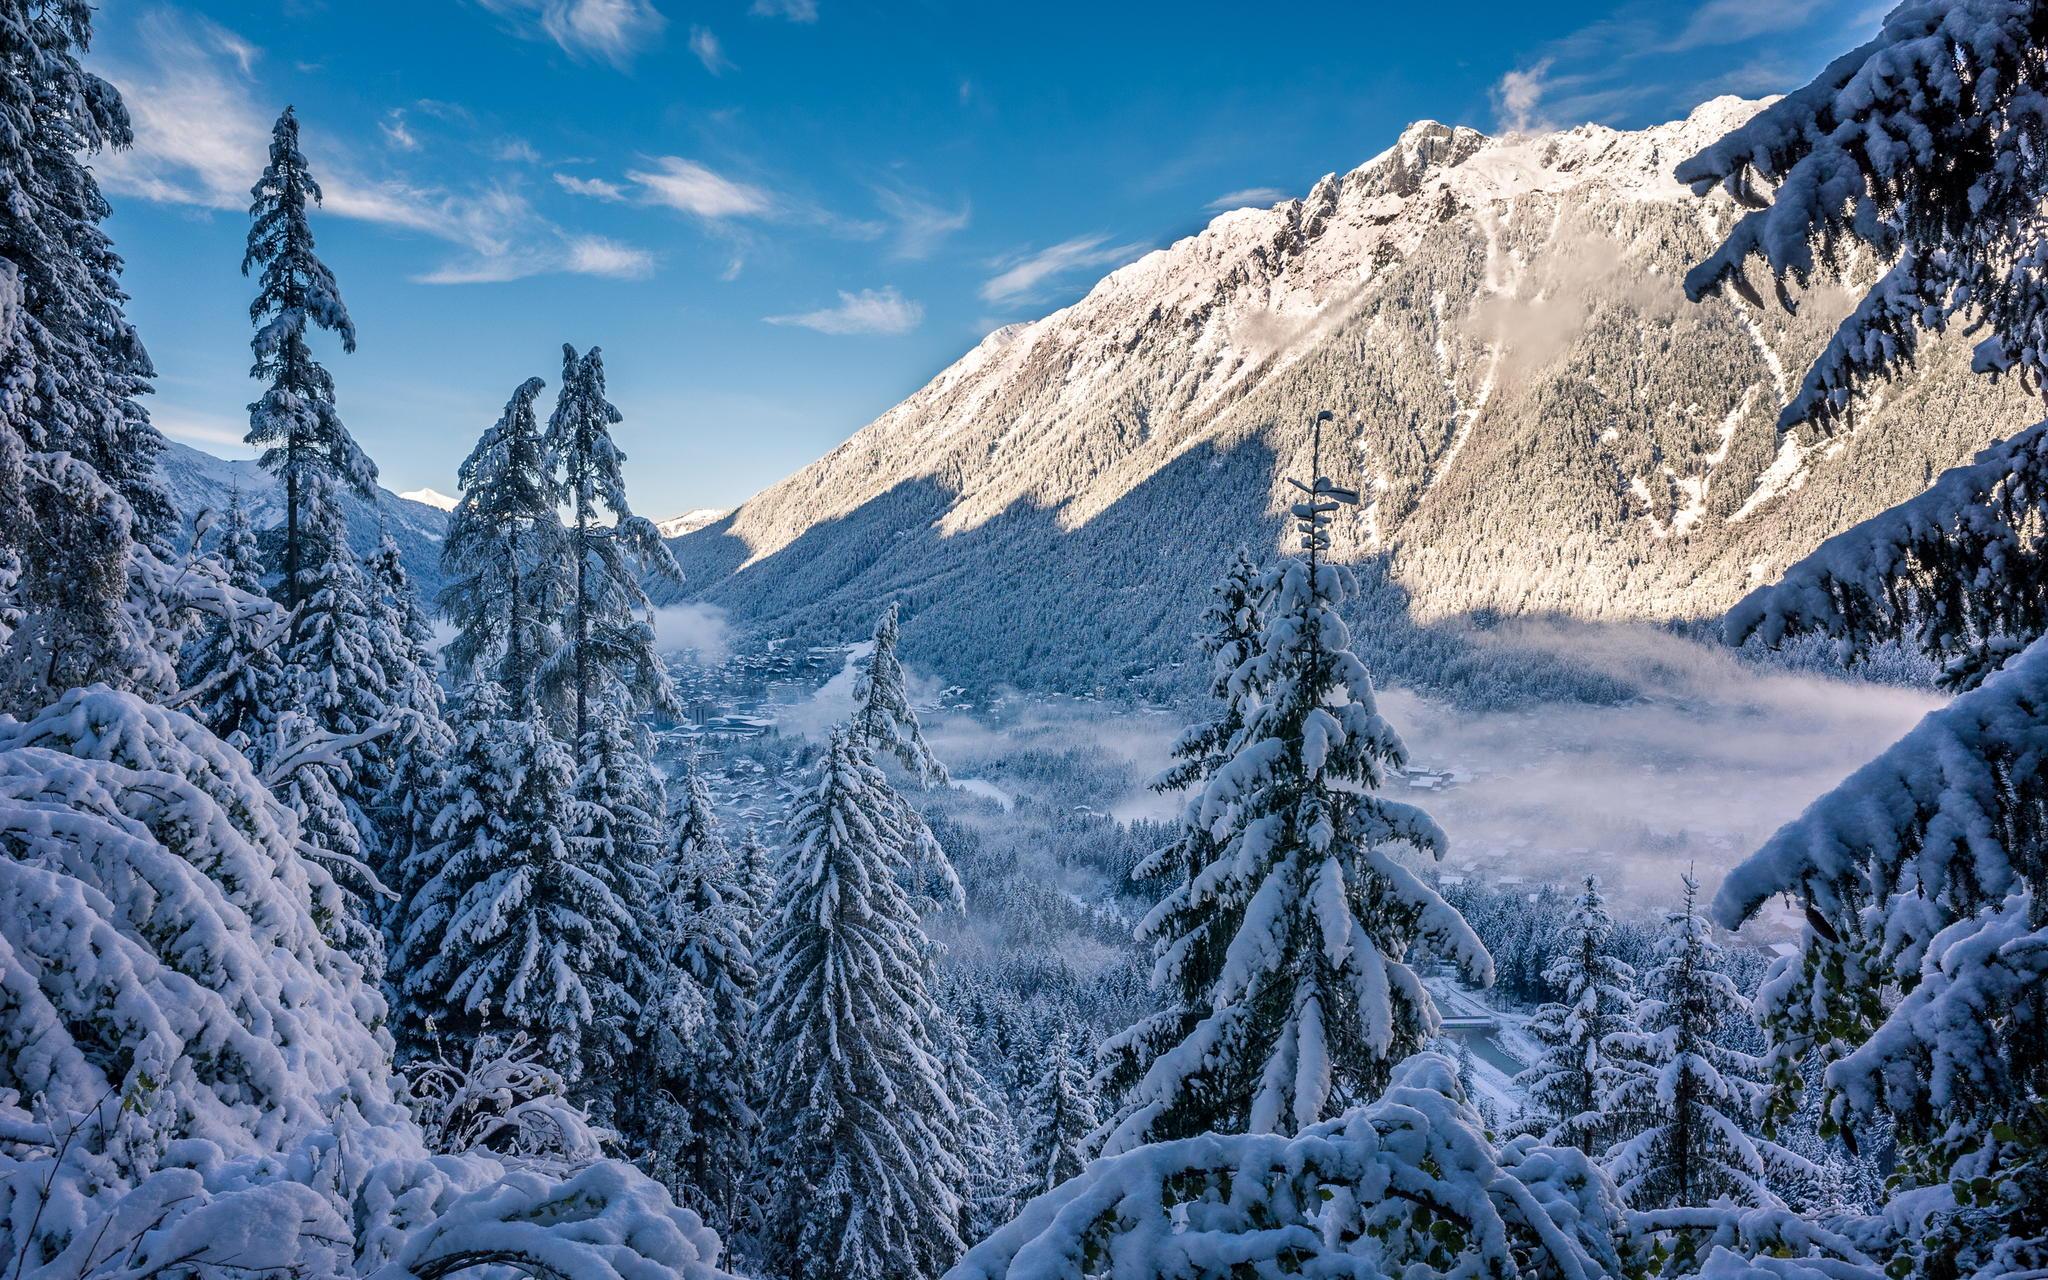 冰天雪地下的美景 国外摄影师的风景佳作